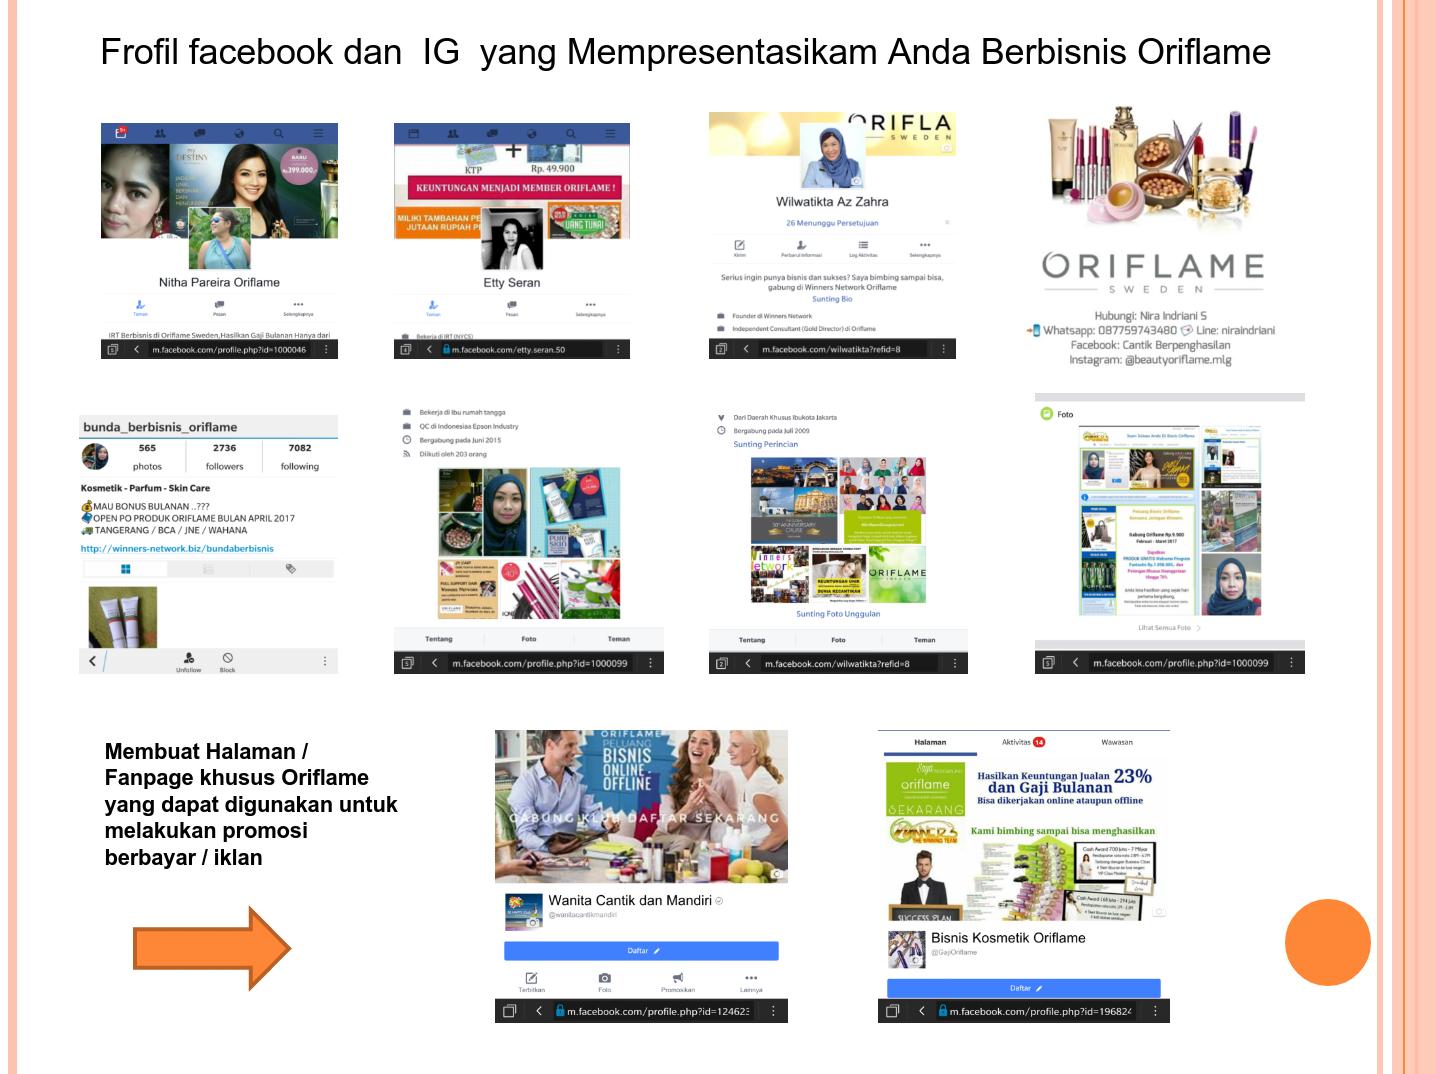 Tips Dan Cara Promosi Oriflame Online Di Facebbok